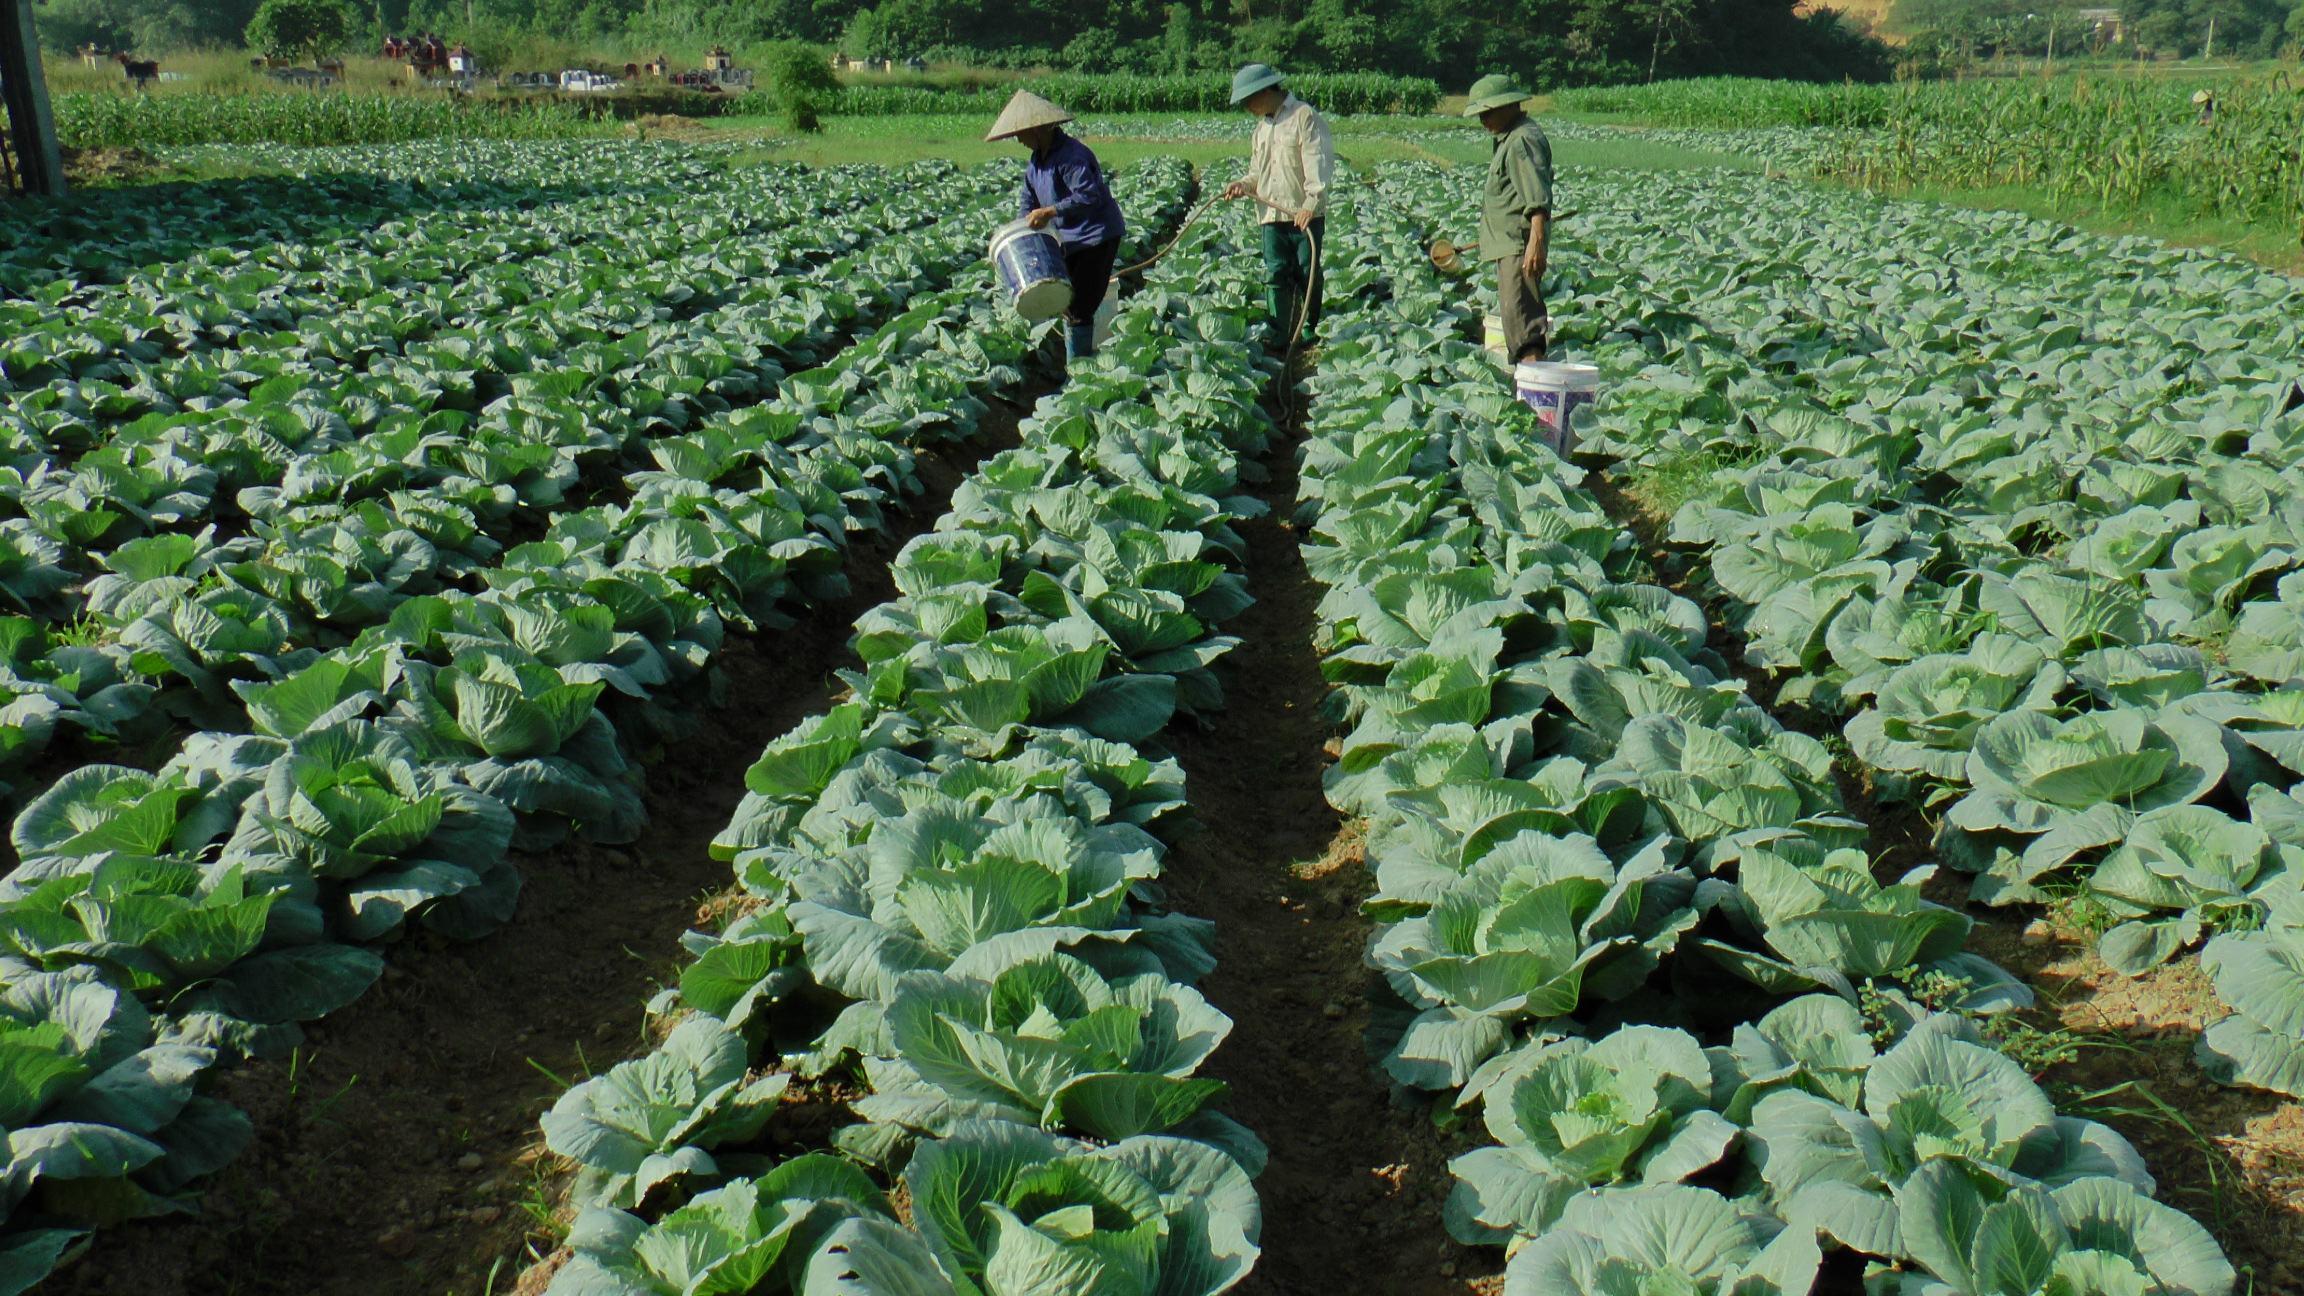 5 loại rau trồng trong mùa thu đông cho năng suất cao, không tốn công chăm  sóc | Kênh Thời Tiết